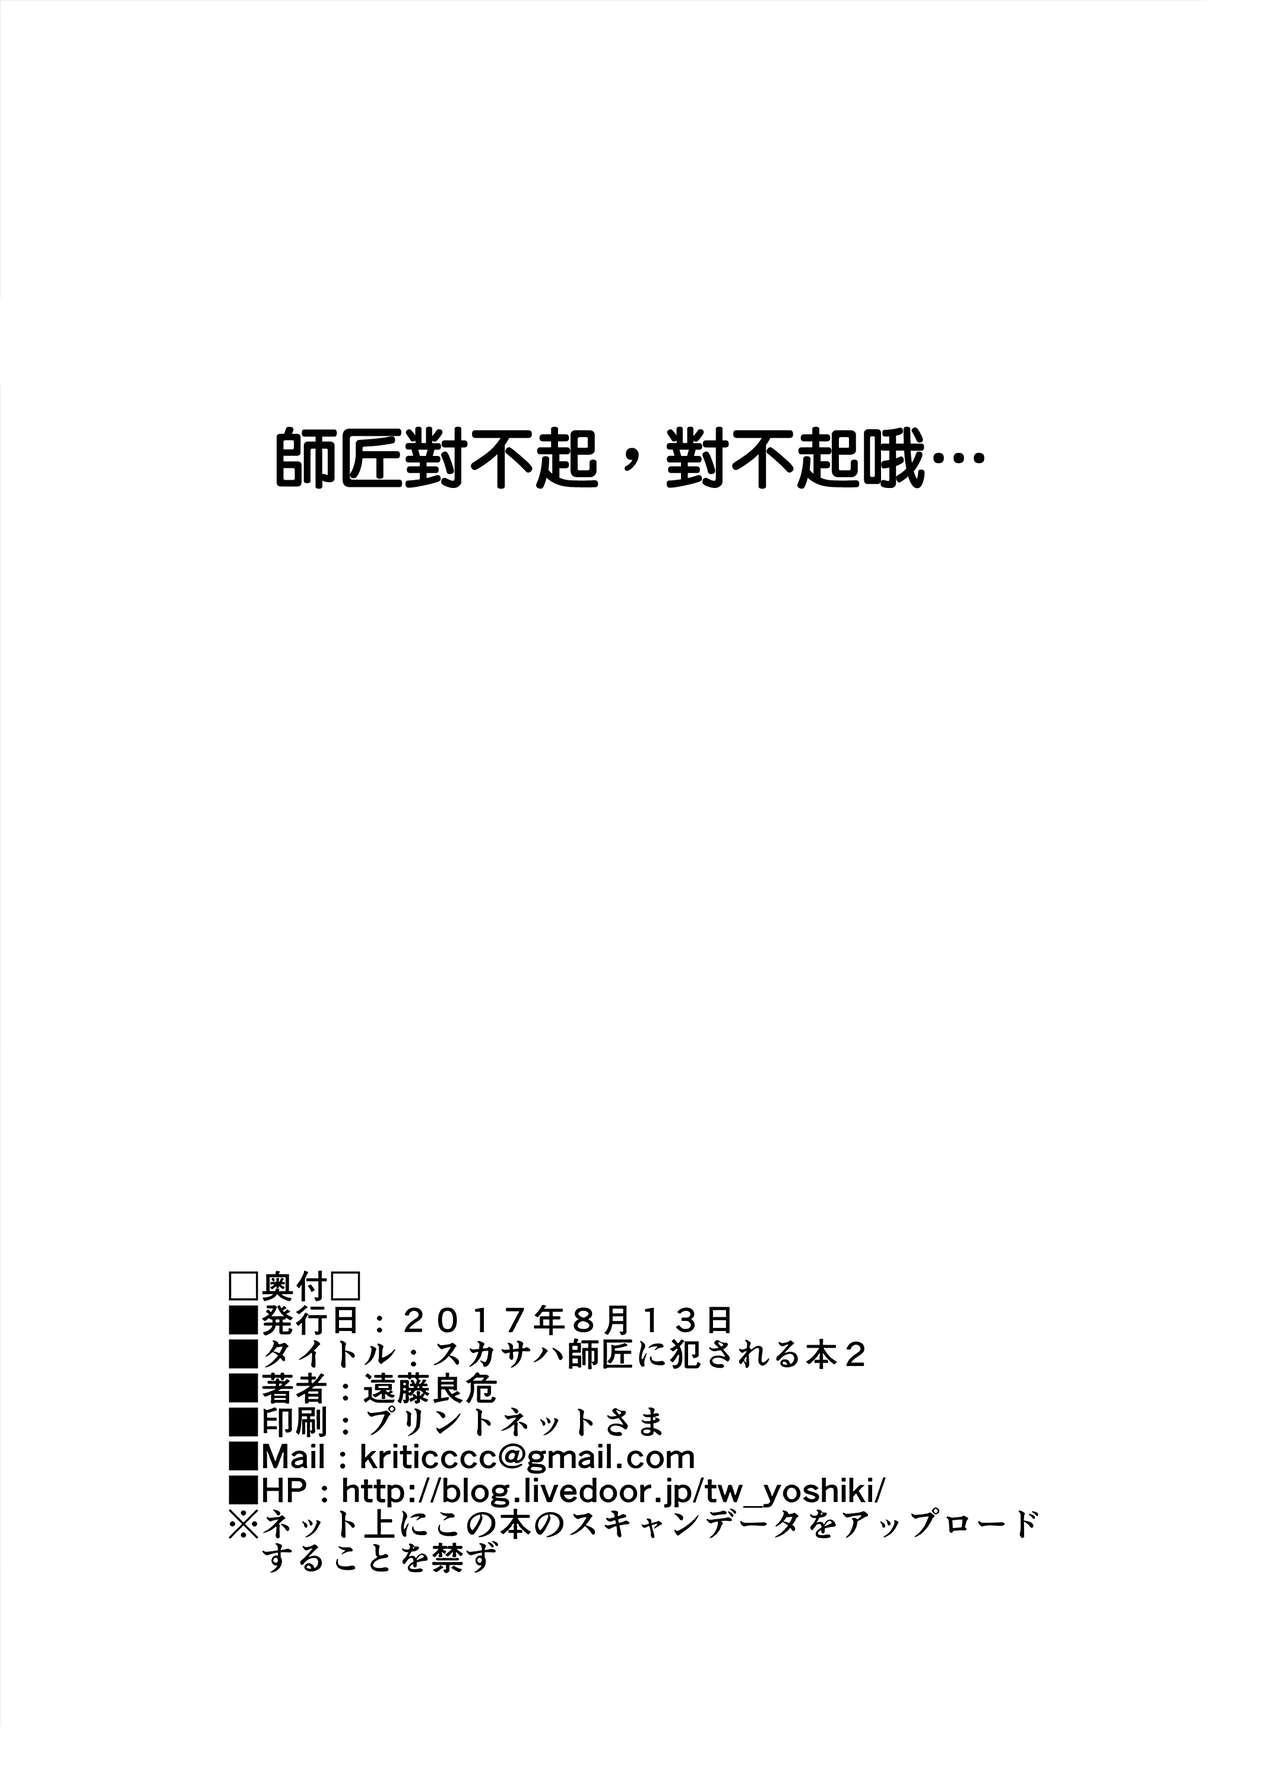 Scathach-shishou ni Okasareru Hon 2 21